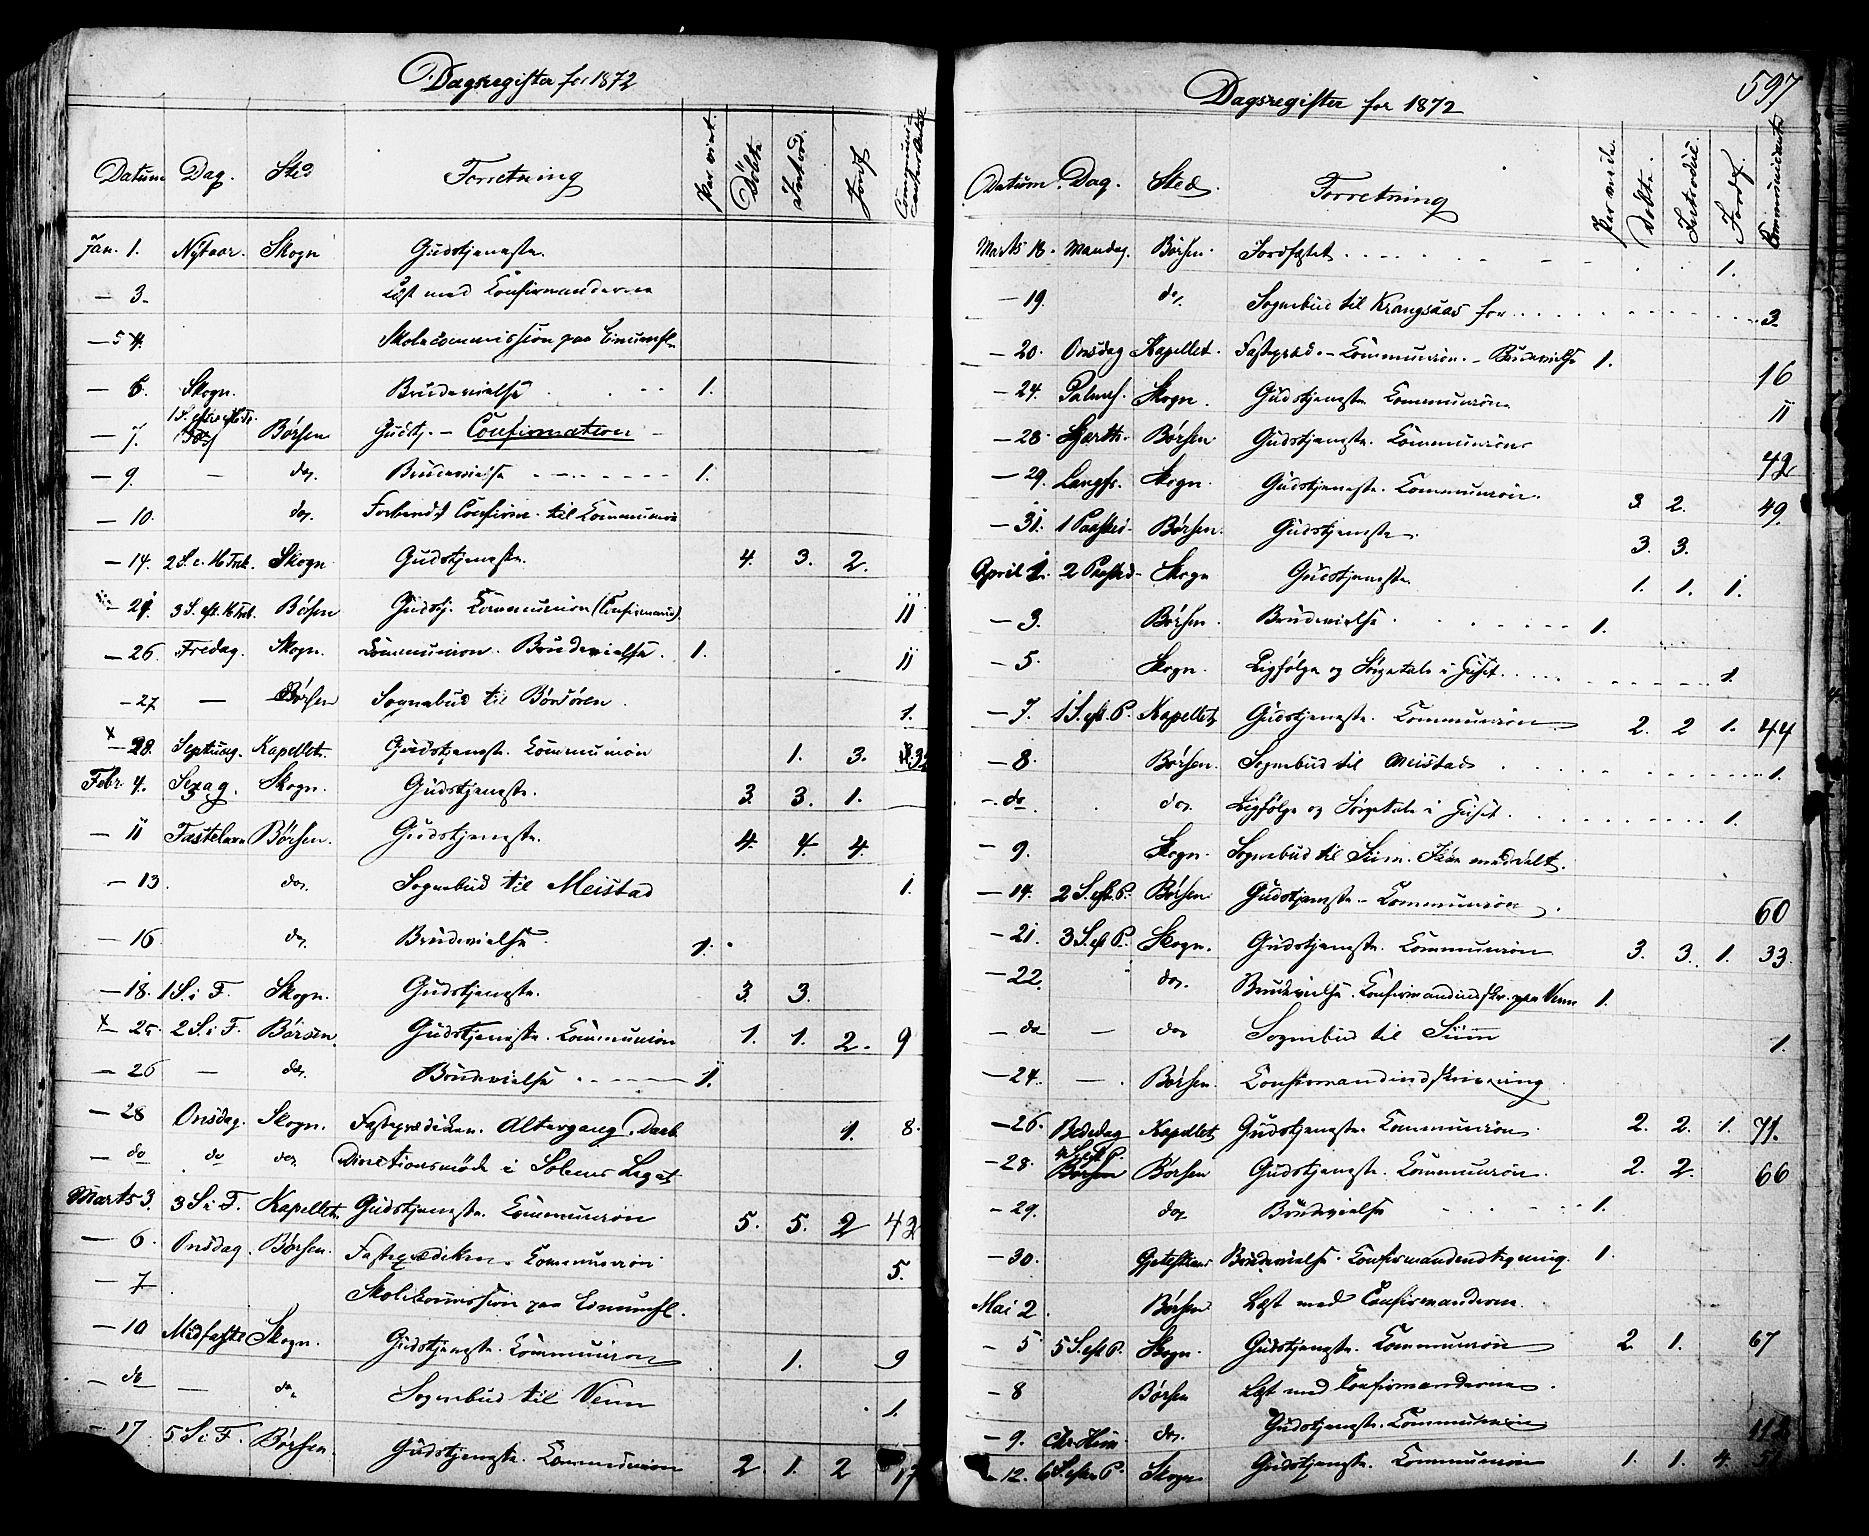 SAT, Ministerialprotokoller, klokkerbøker og fødselsregistre - Sør-Trøndelag, 665/L0772: Ministerialbok nr. 665A07, 1856-1878, s. 597